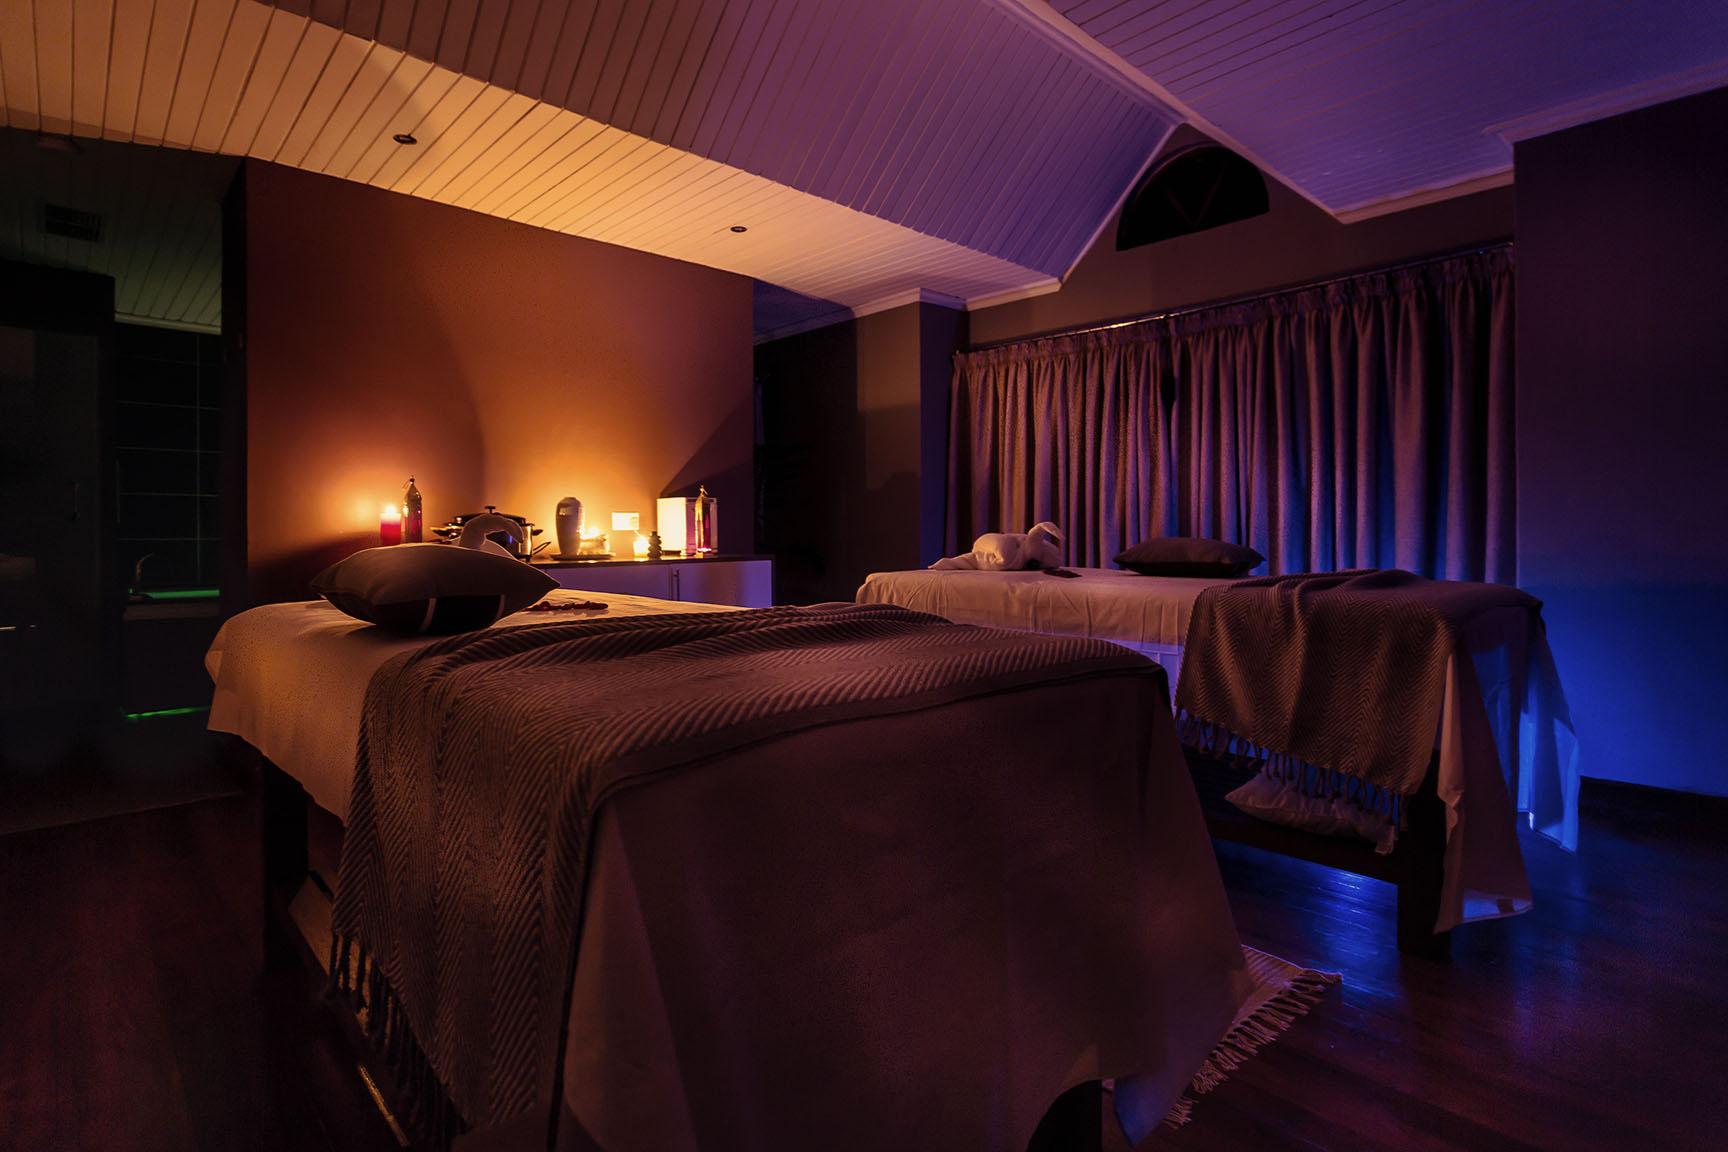 saffron_couples_room.jpg